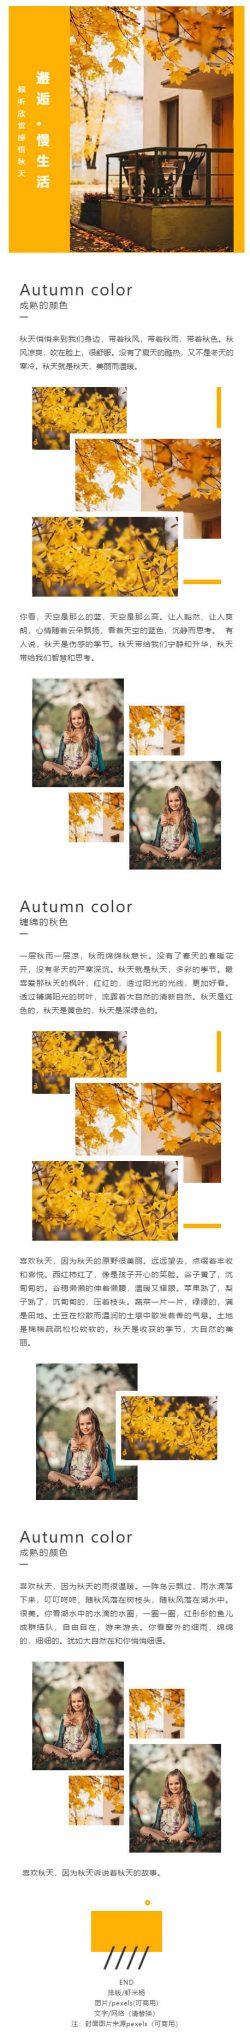 秋天立秋黄金黄色微信素材模板公众号推送图片模板